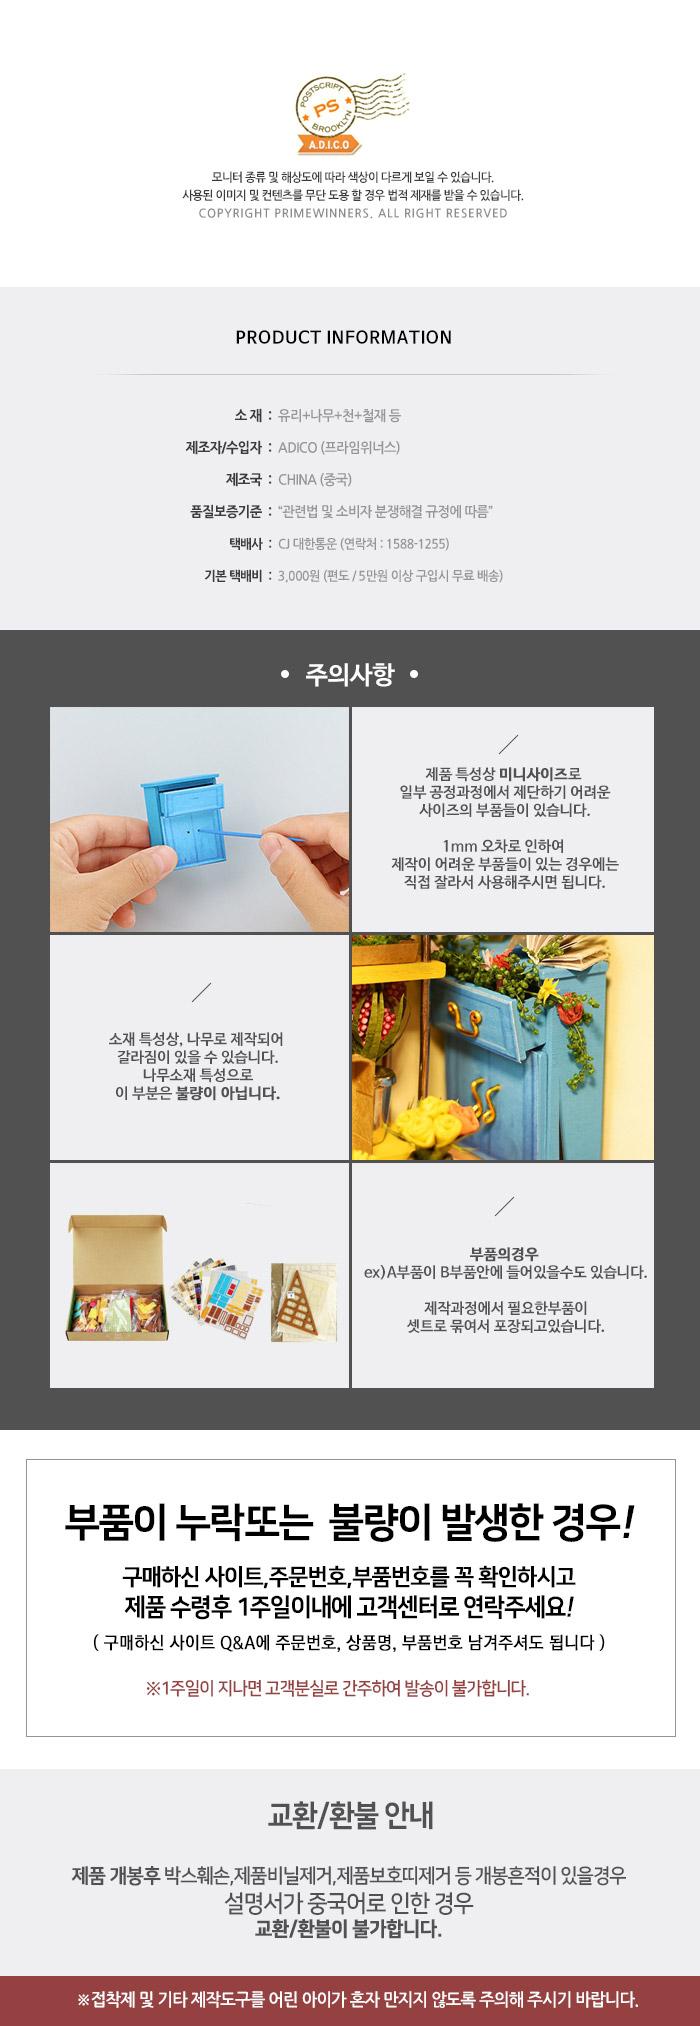 [adico] DIY 미니어처 시그니처 하우스 - 홈 가드닝32,980원-아디코키덜트/취미, 핸드메이드/DIY, 미니어처 DIY, 미니어처 만들기 패키지바보사랑[adico] DIY 미니어처 시그니처 하우스 - 홈 가드닝32,980원-아디코키덜트/취미, 핸드메이드/DIY, 미니어처 DIY, 미니어처 만들기 패키지바보사랑